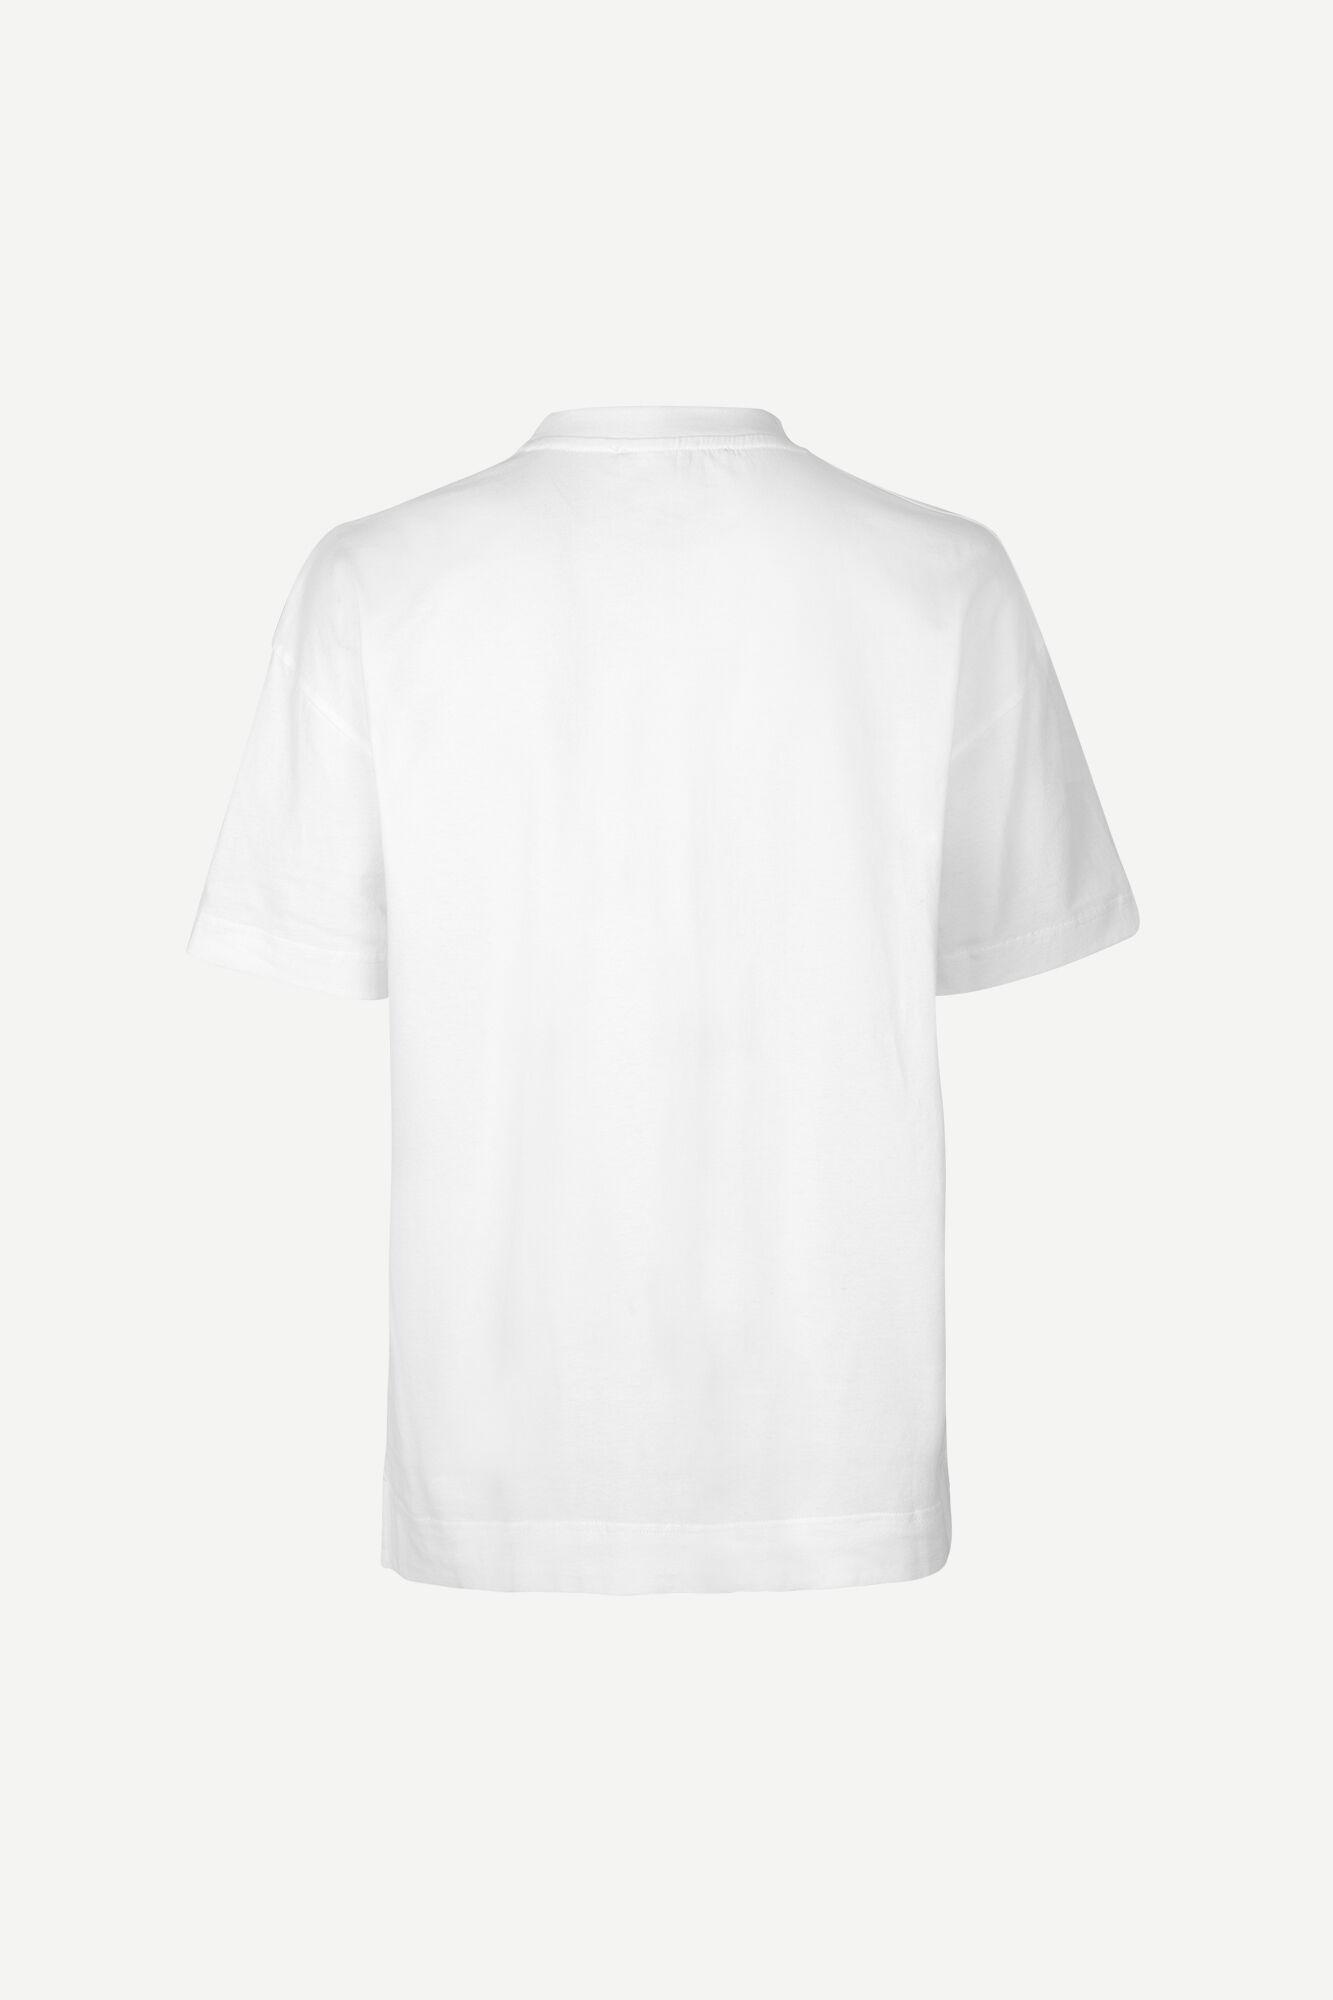 Ratan t-shirt 9914